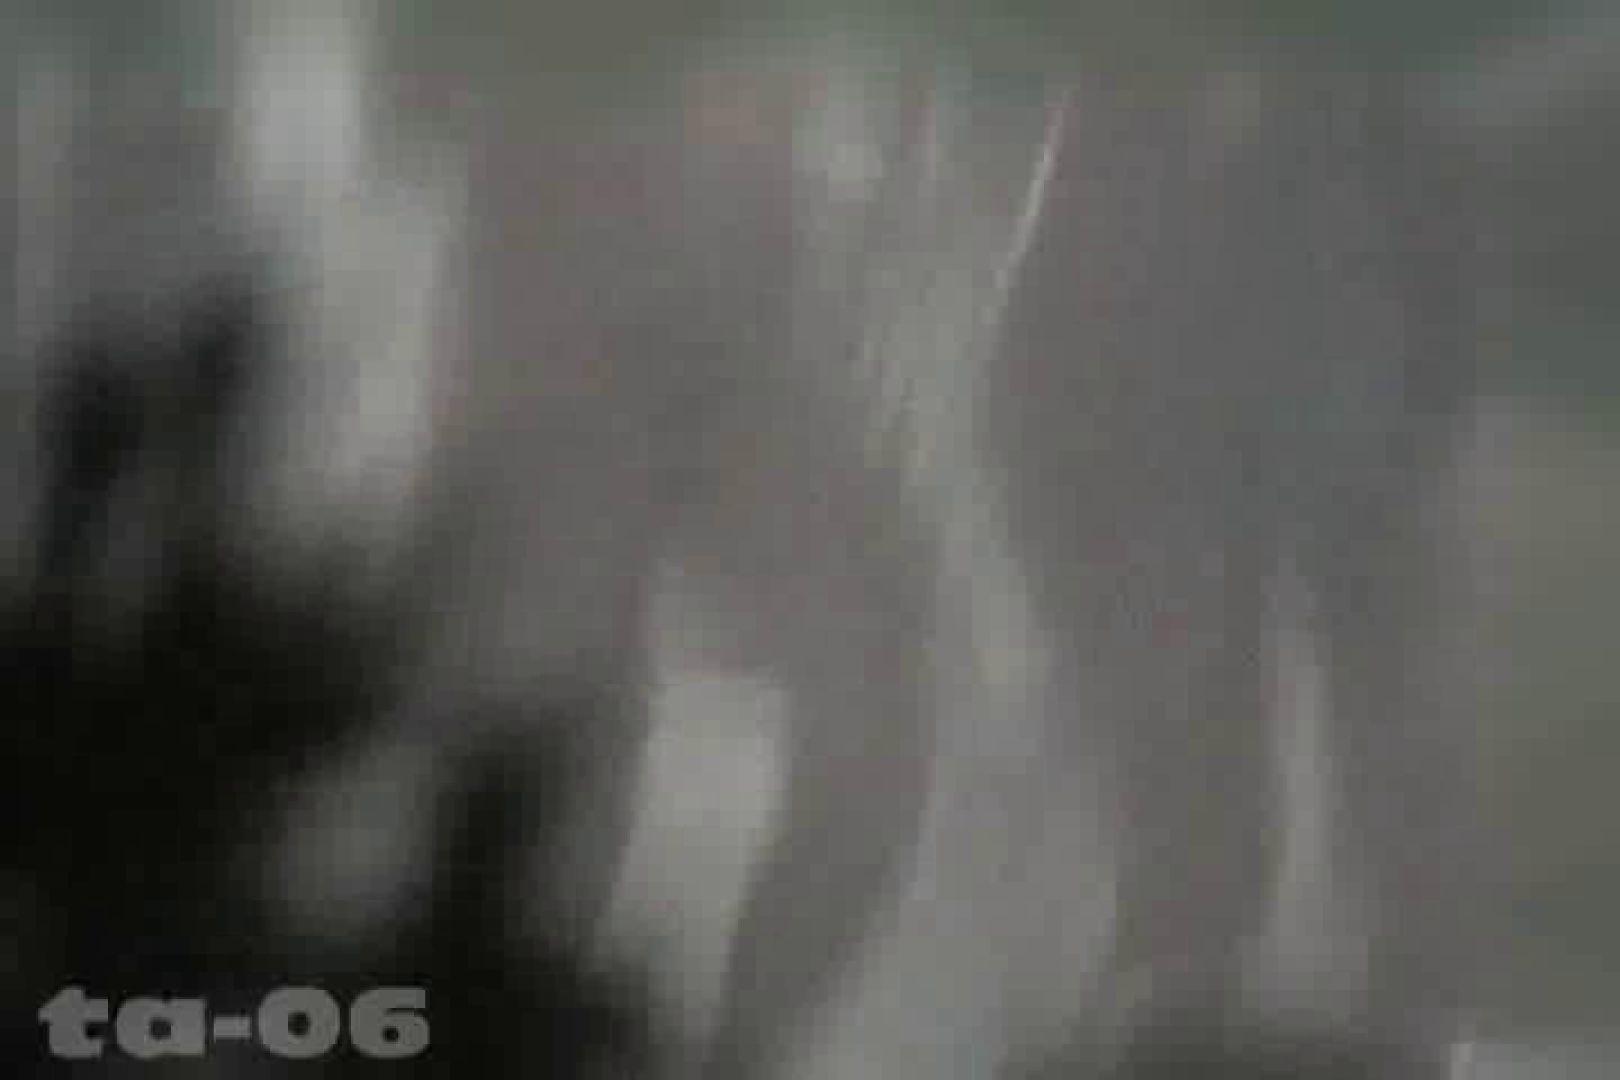 合宿ホテル女風呂盗撮高画質版 Vol.06 盗撮  85pic 3